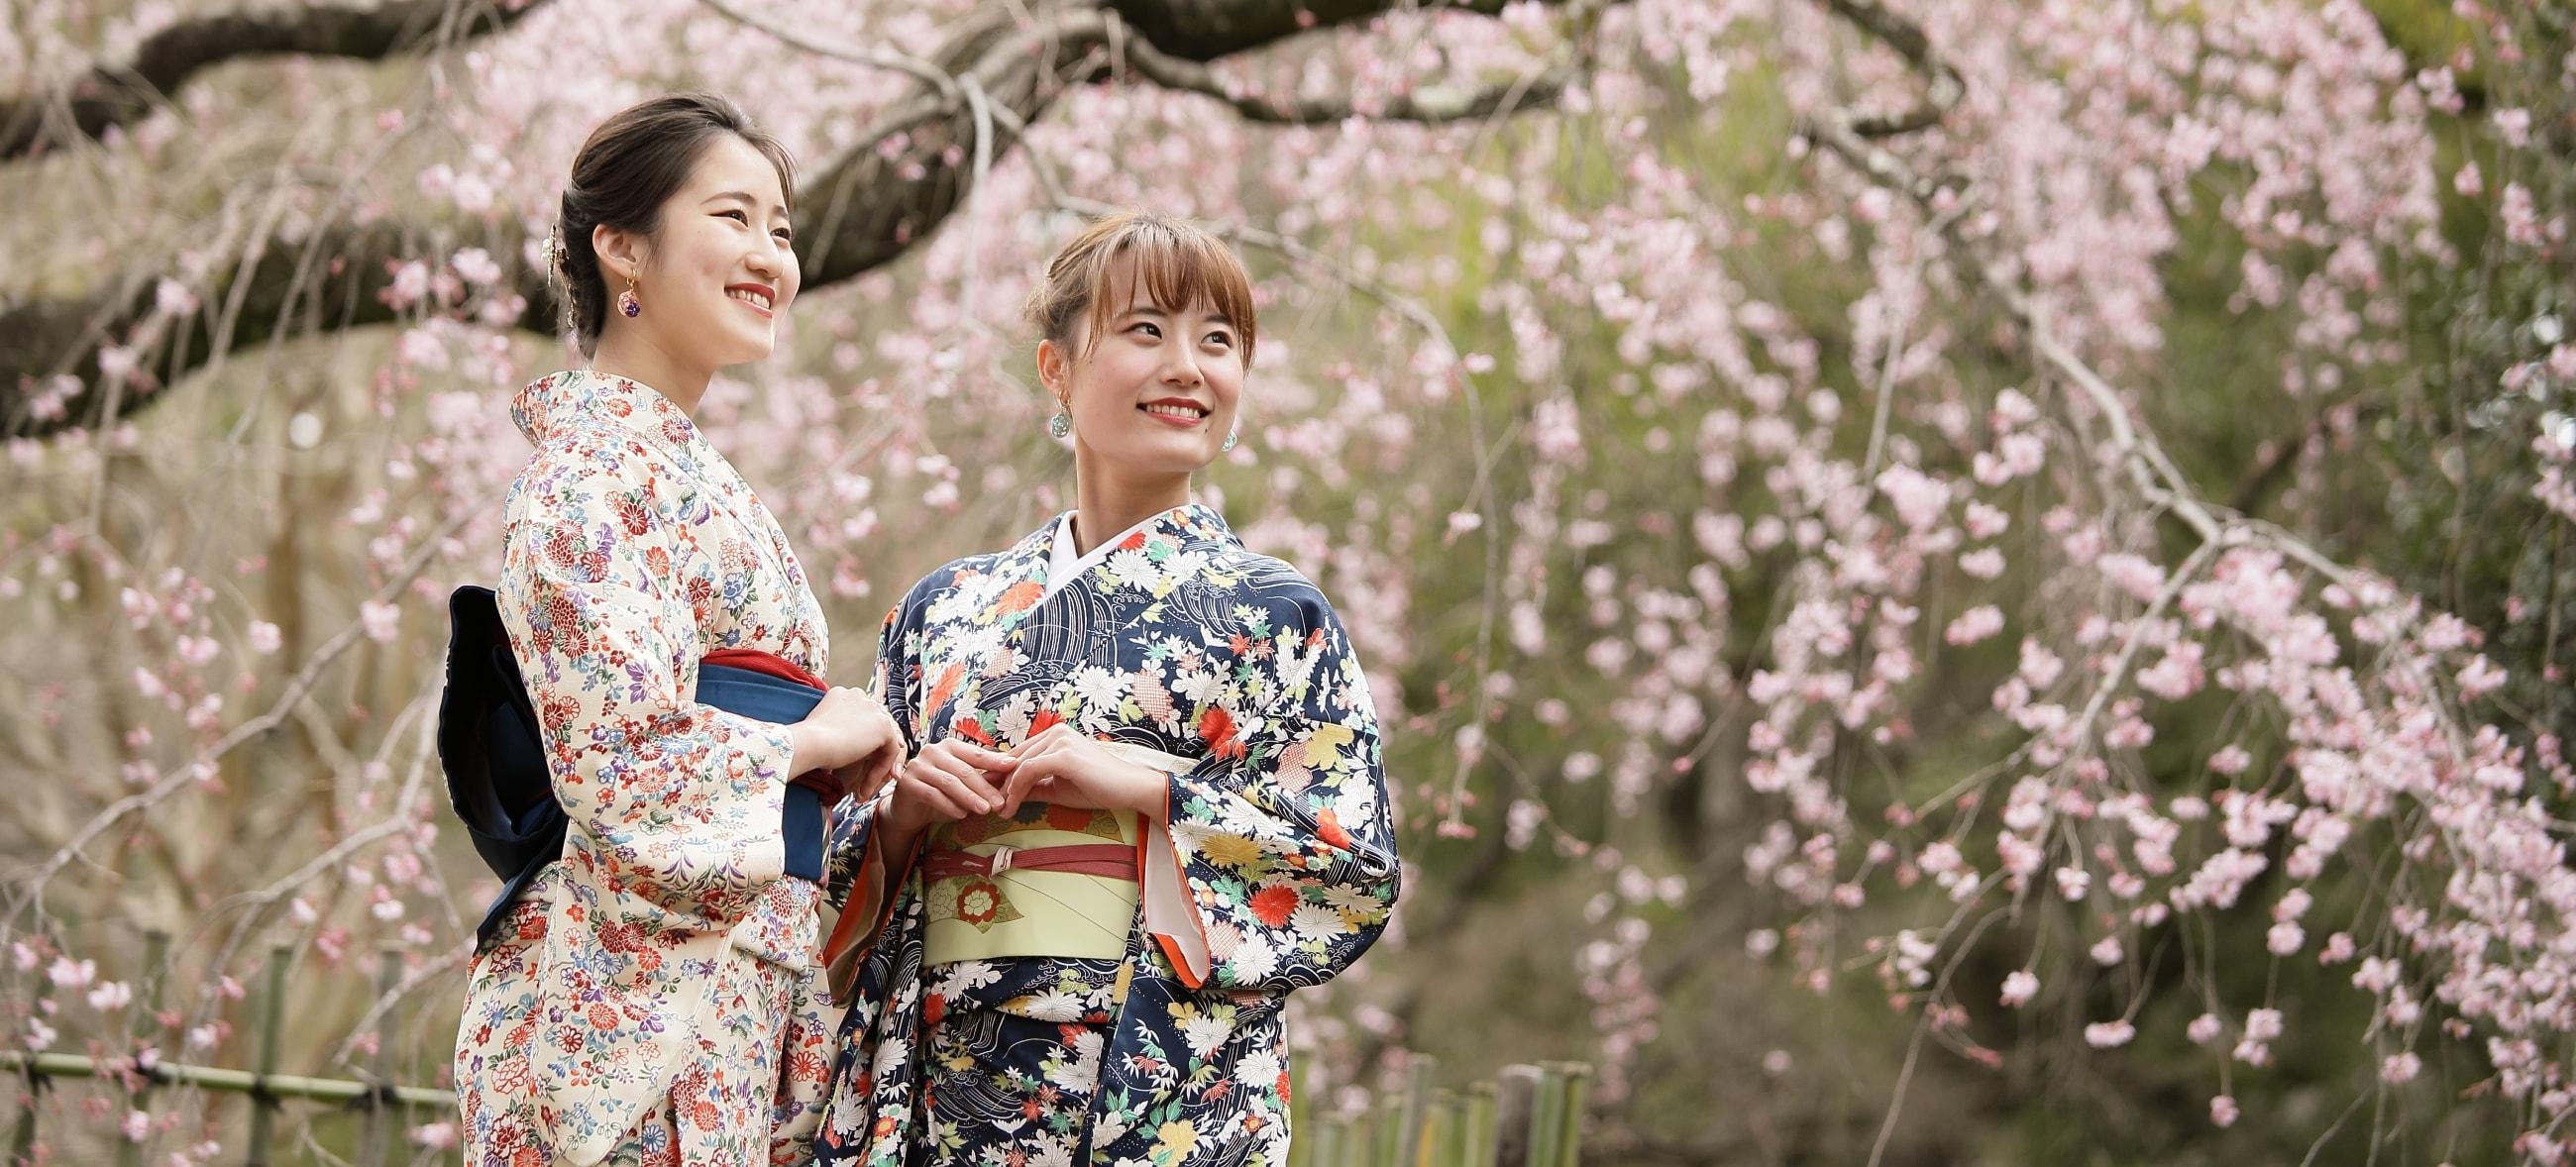 レンタル浴衣で京都散策